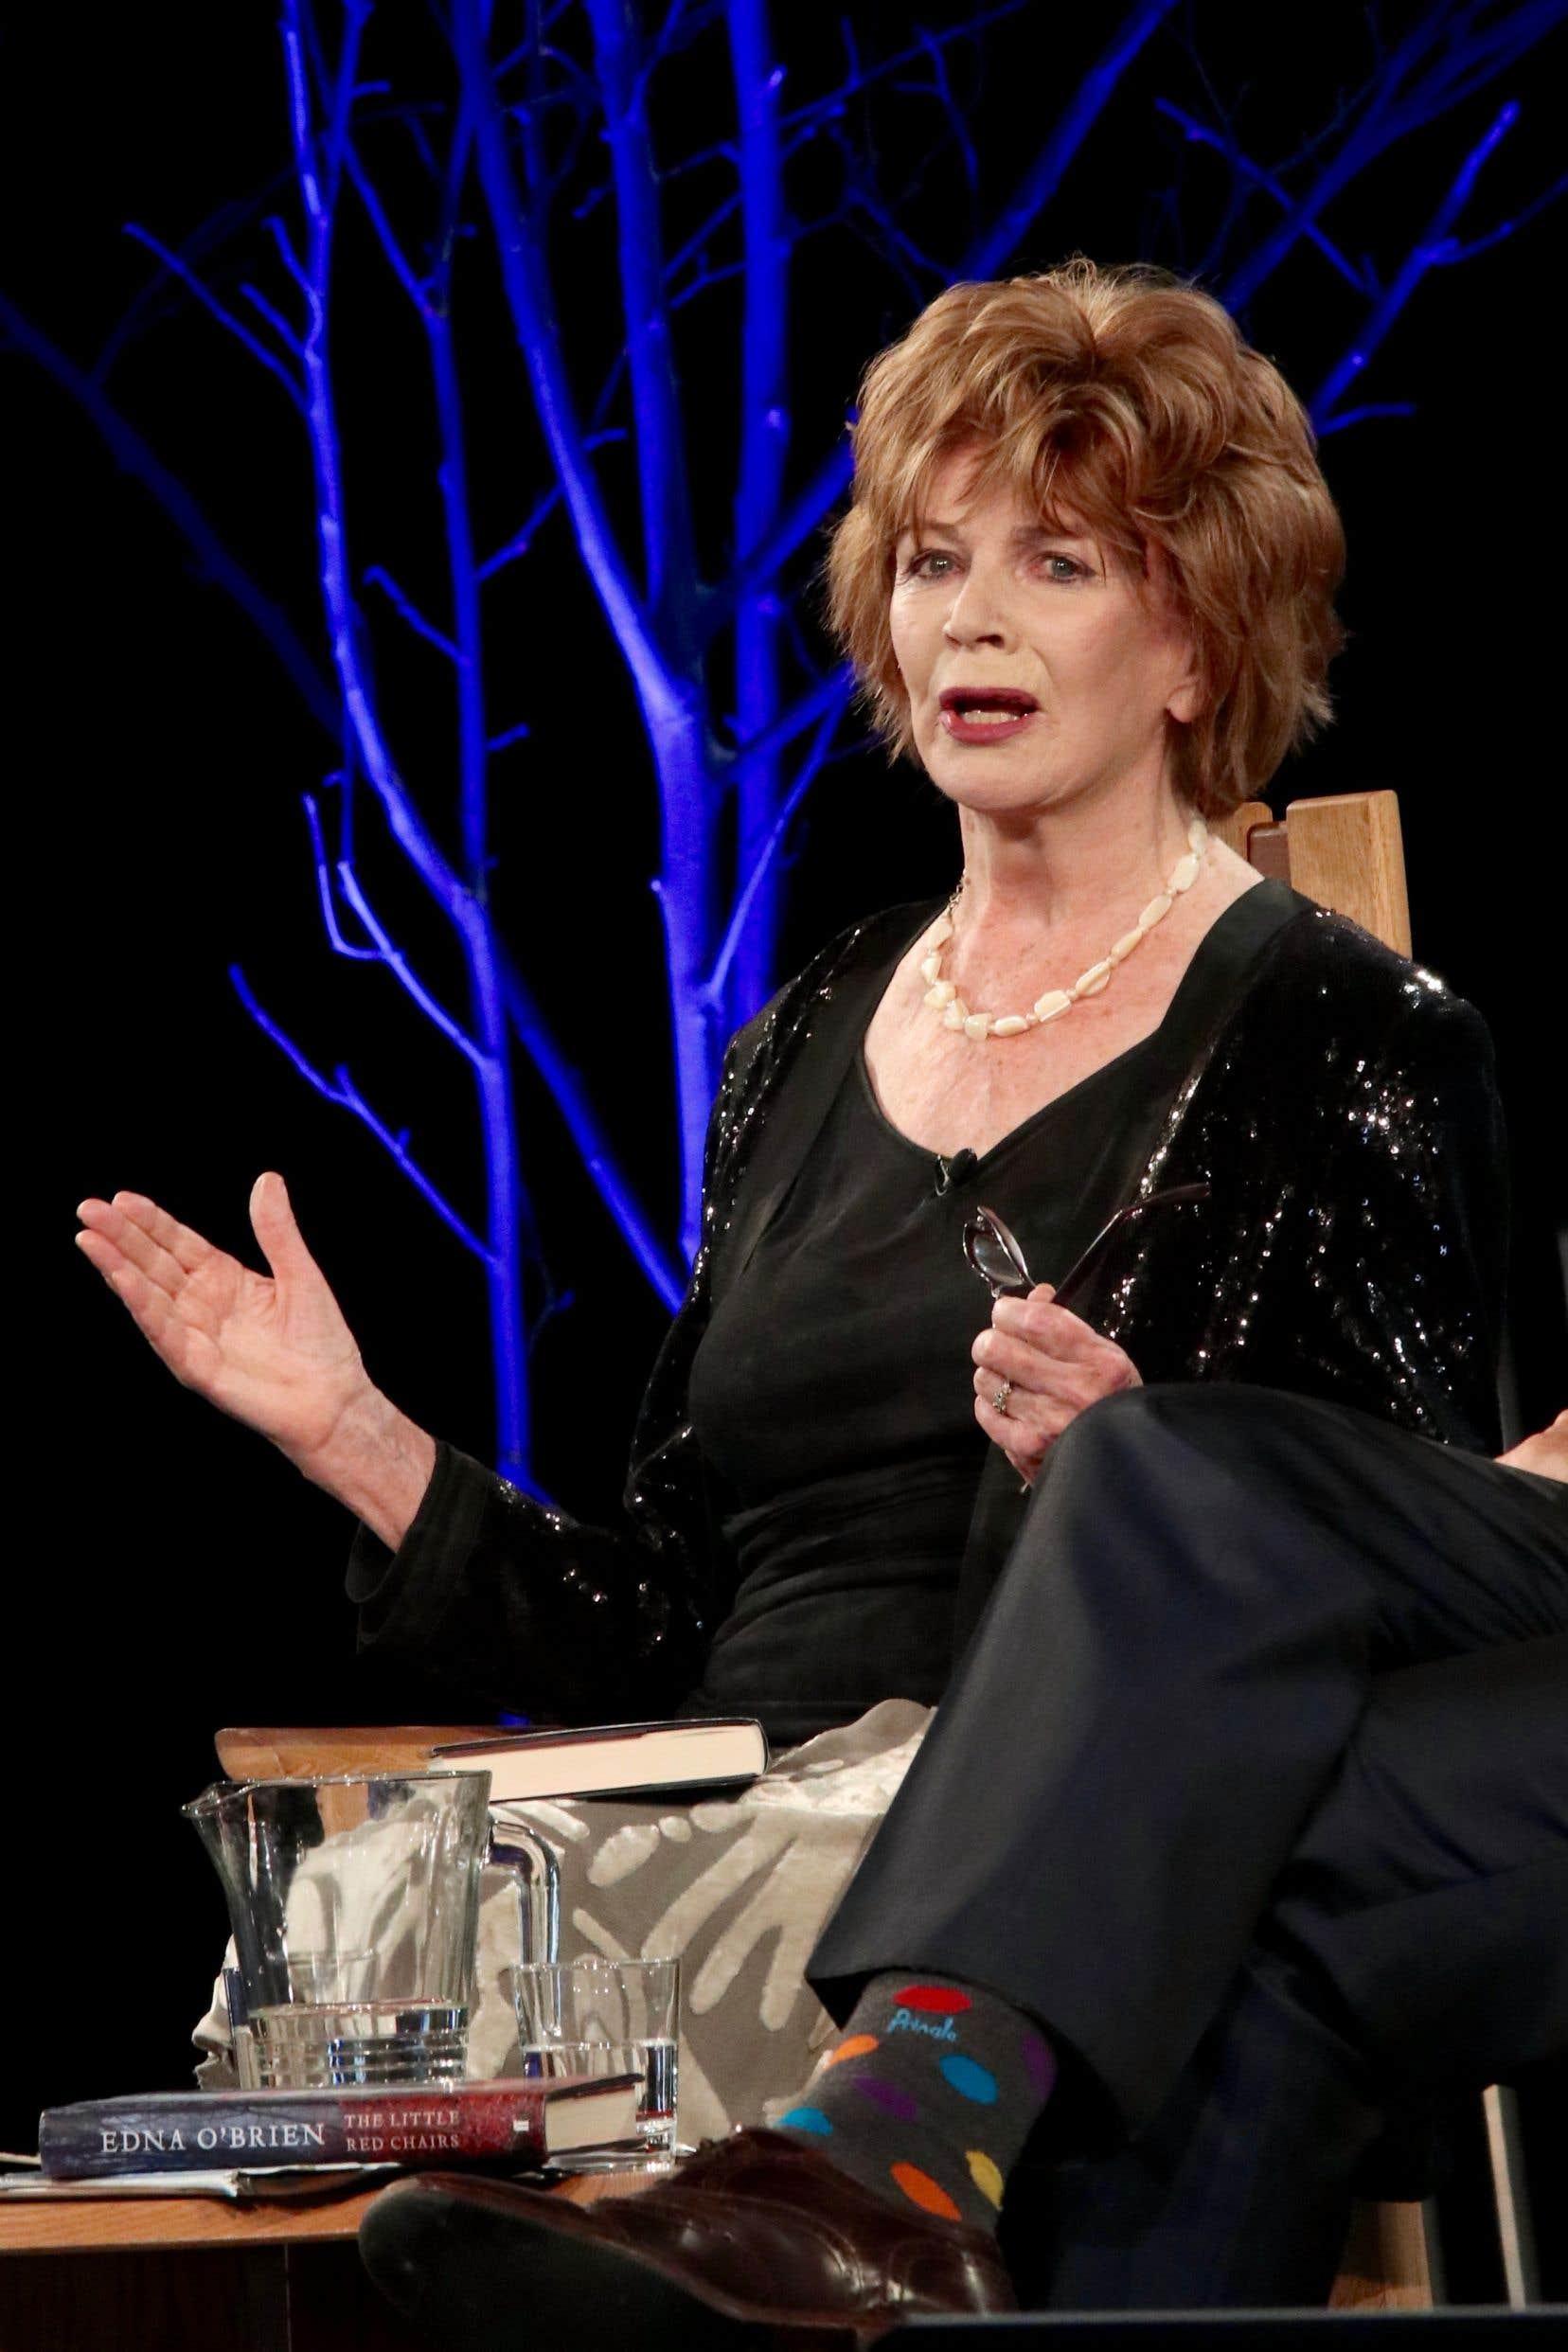 Pour Edna O'Brien, la littérature est encore le moyen de prêter sa voix aux personnes qui n'en ont pas.